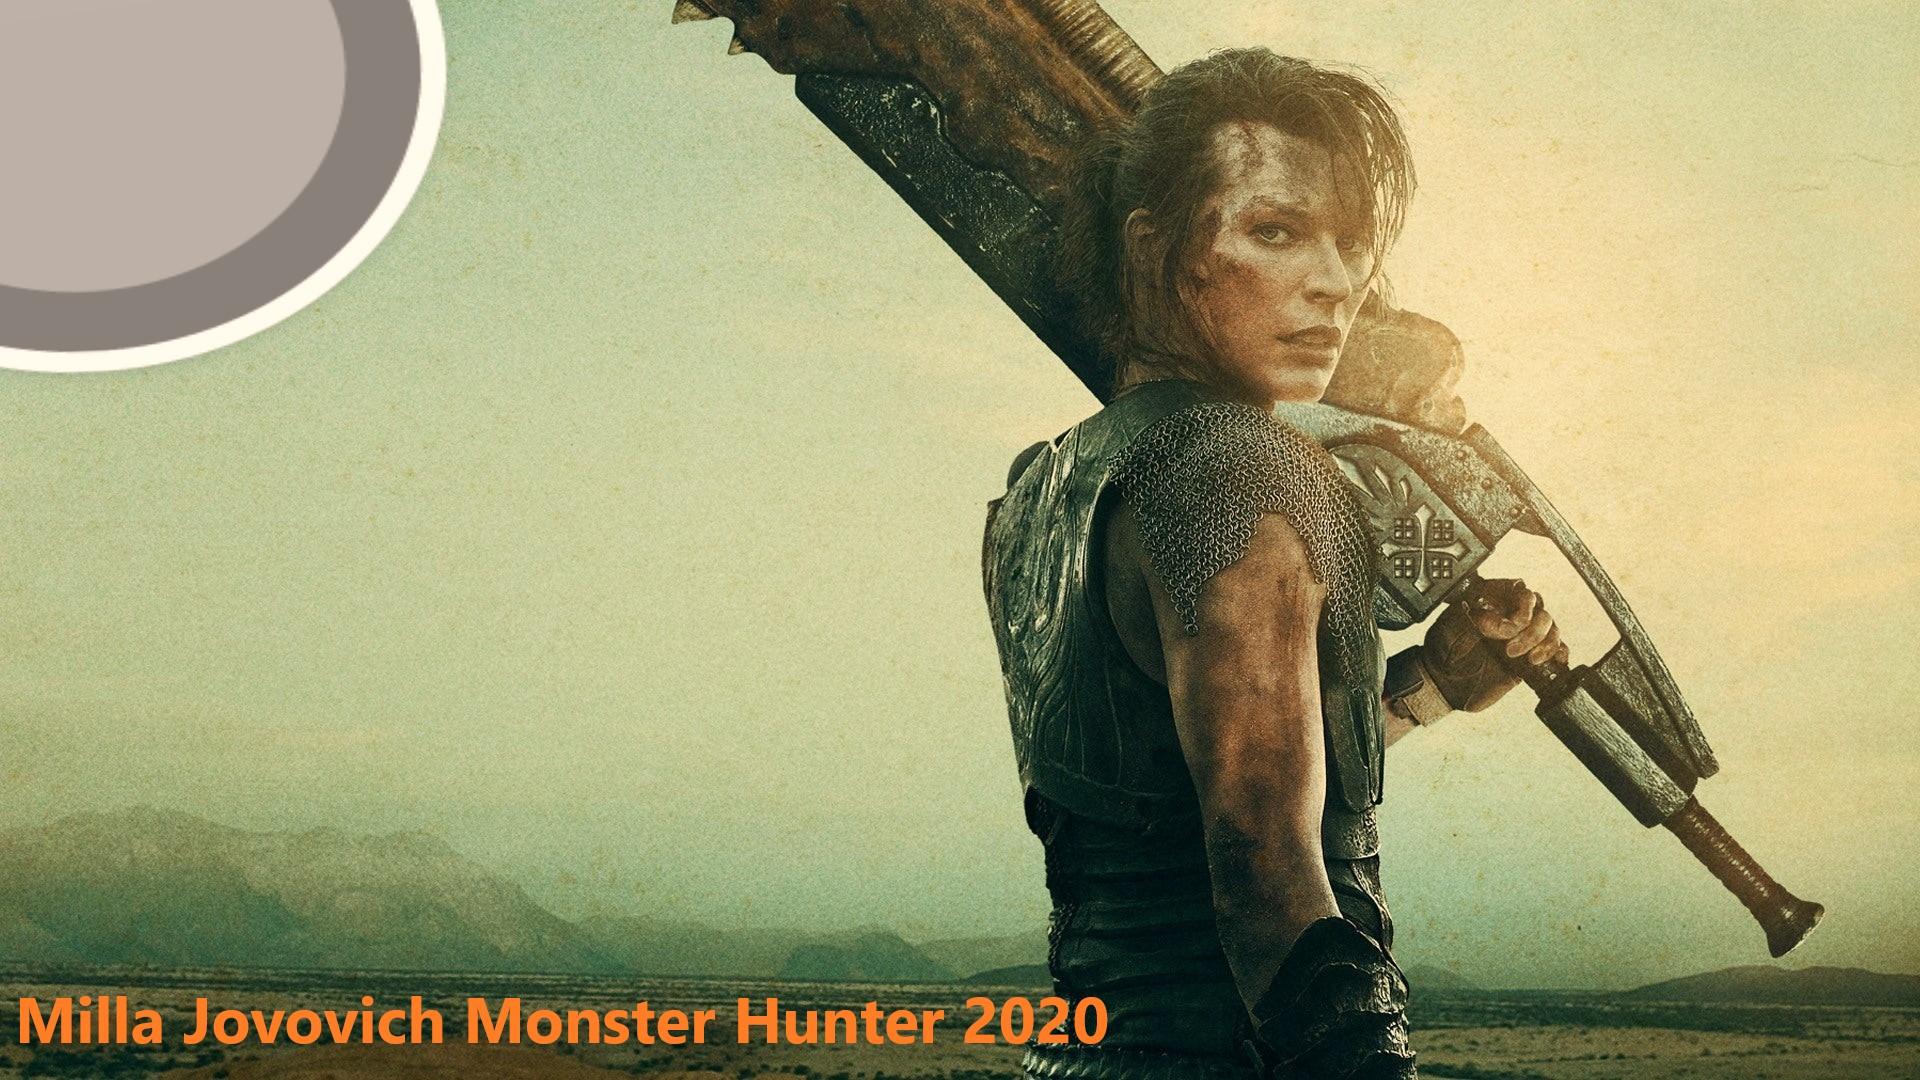 Milla Jovovich Monster Hunter 2020